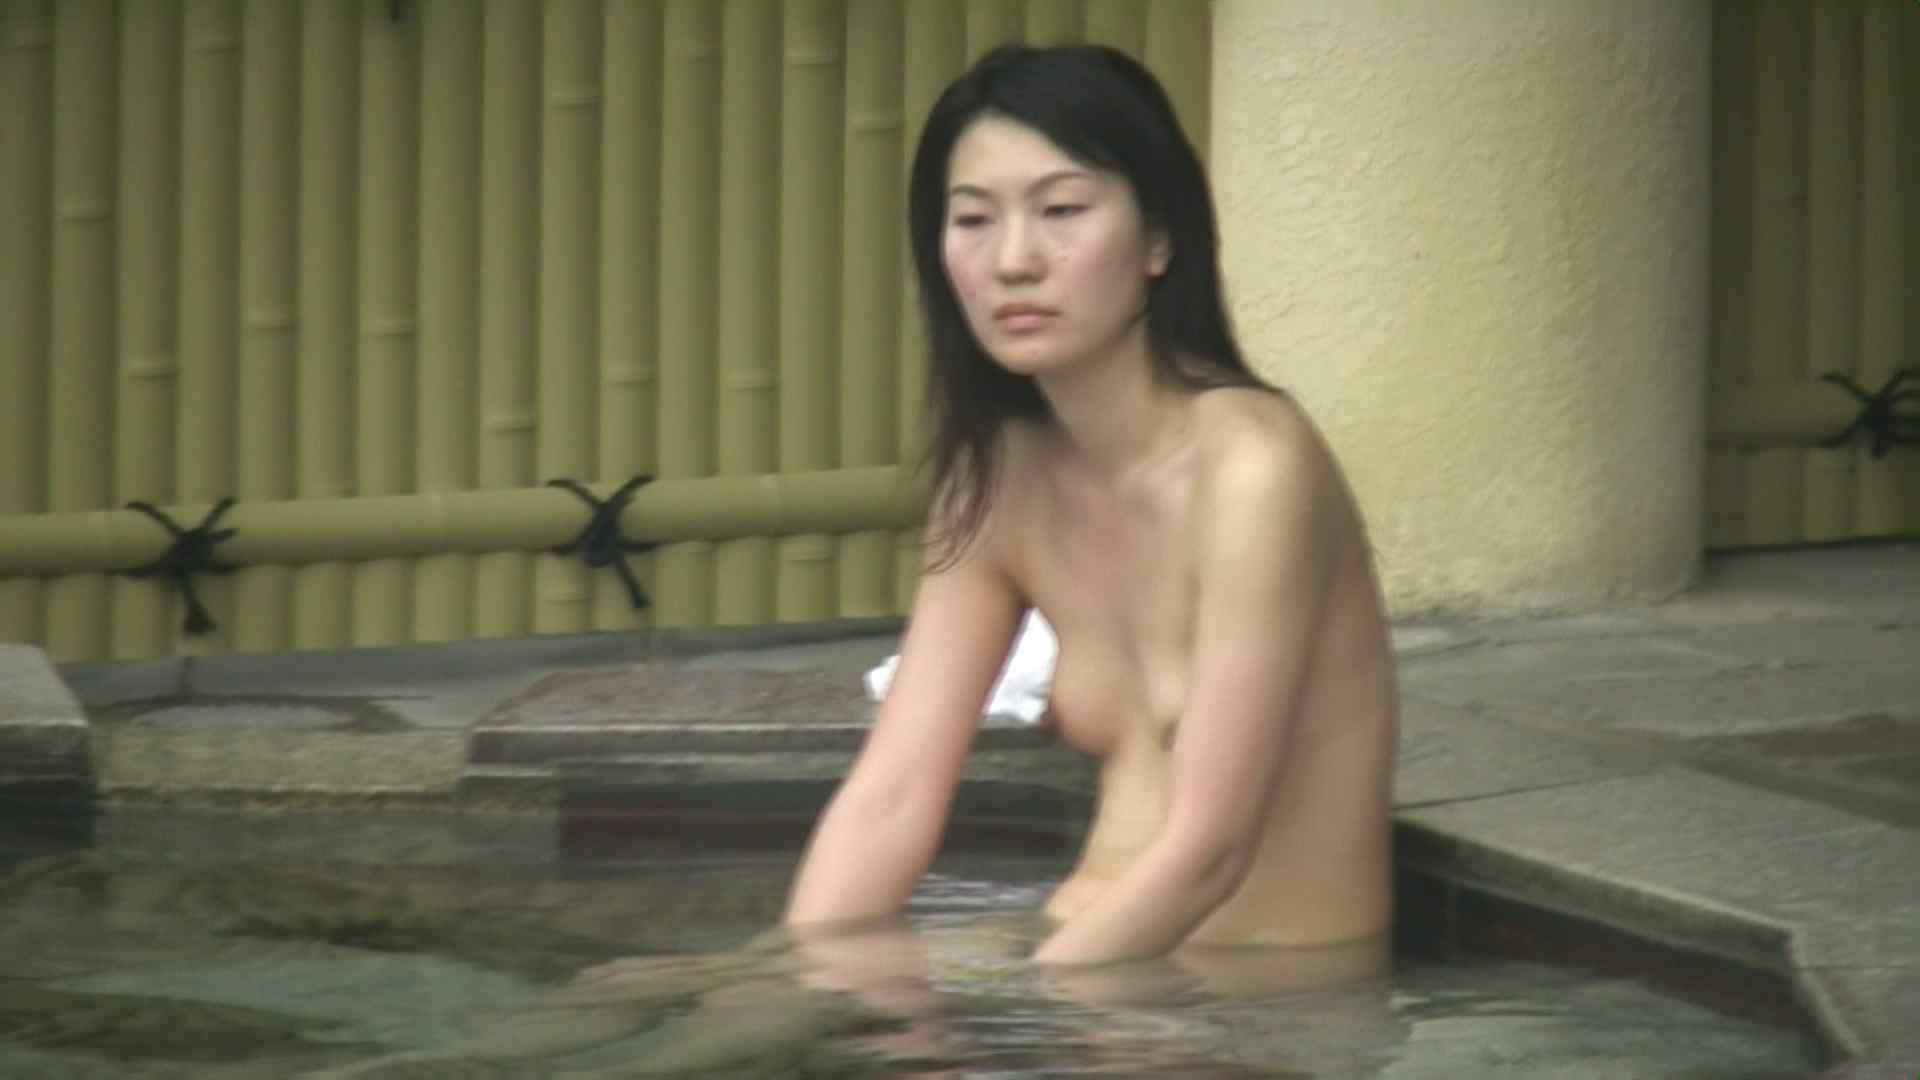 高画質露天女風呂観察 vol.034 高画質  69画像 63